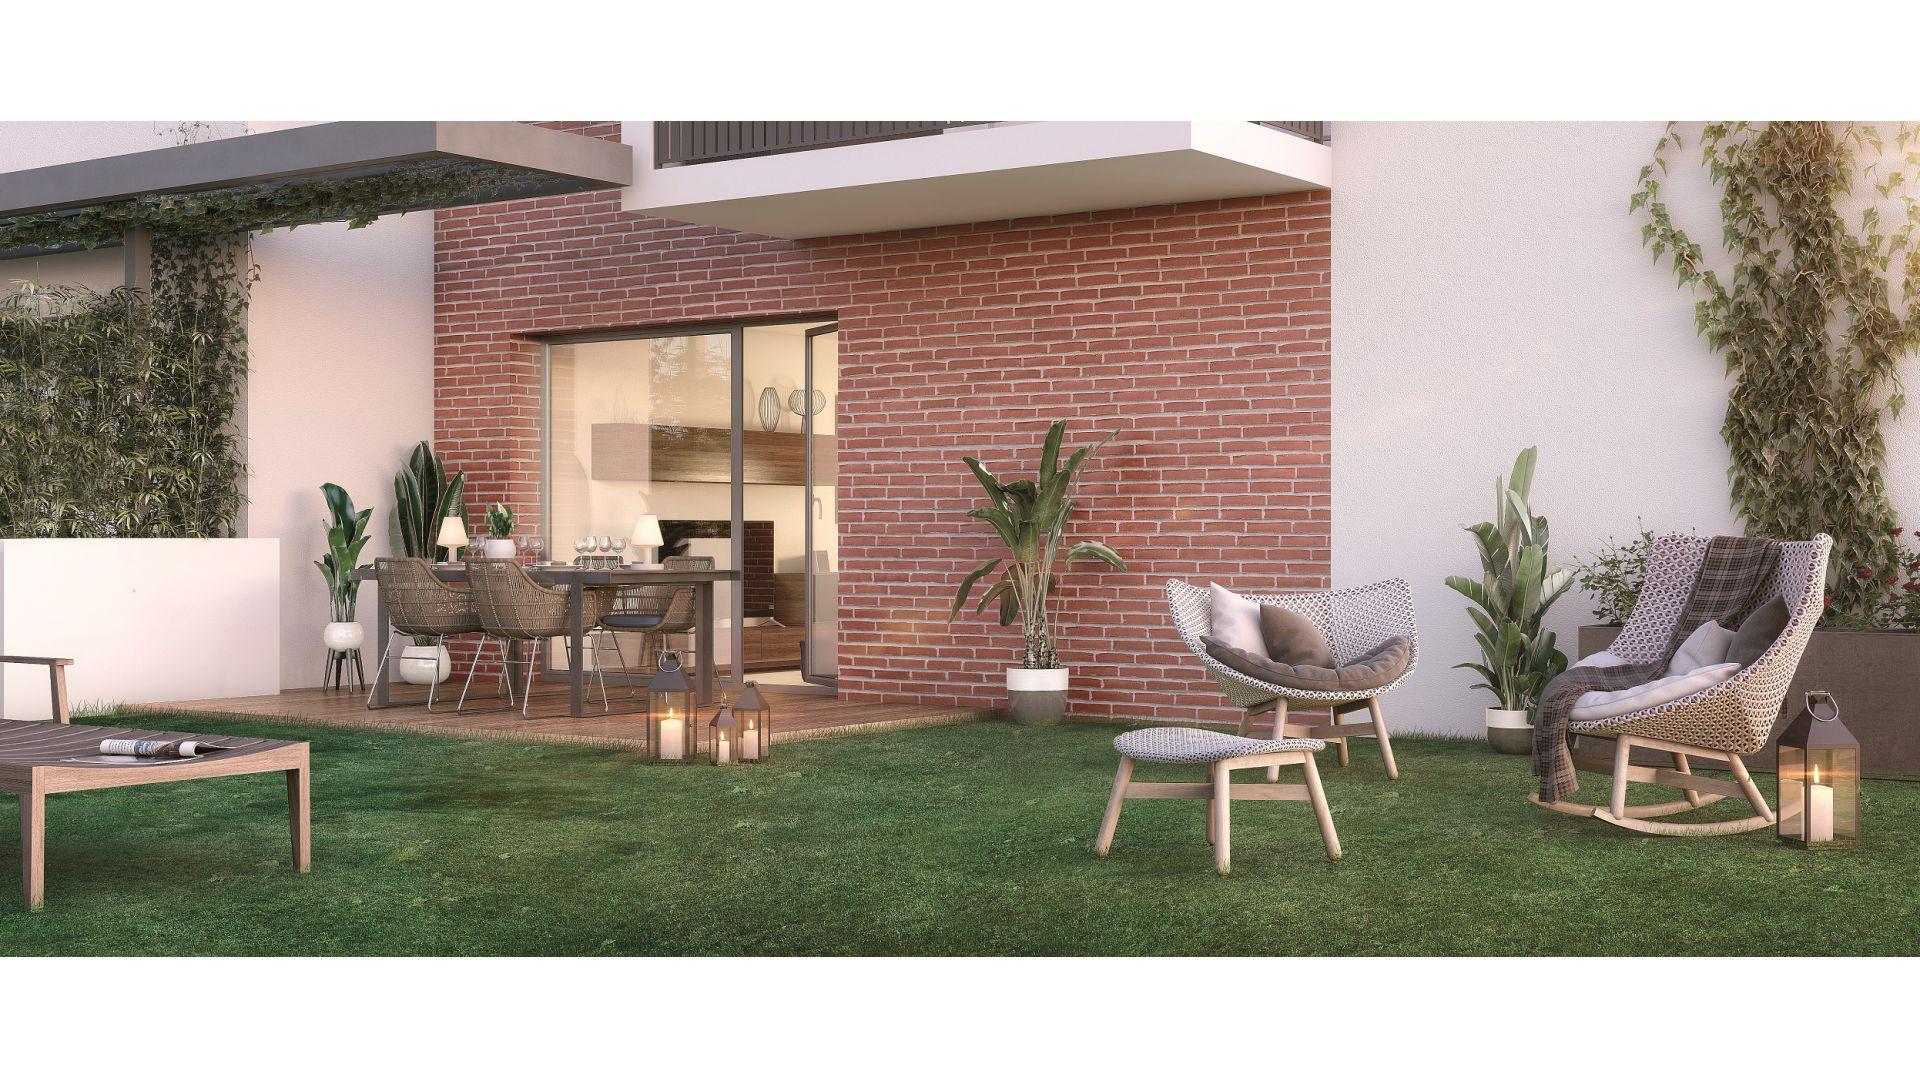 GreenCity immobilier - Résidence Cours Adrienne - 31100 Toulouse Saint-Simon - Appartements neufs du T2 au T3 duplex - vue terrasse